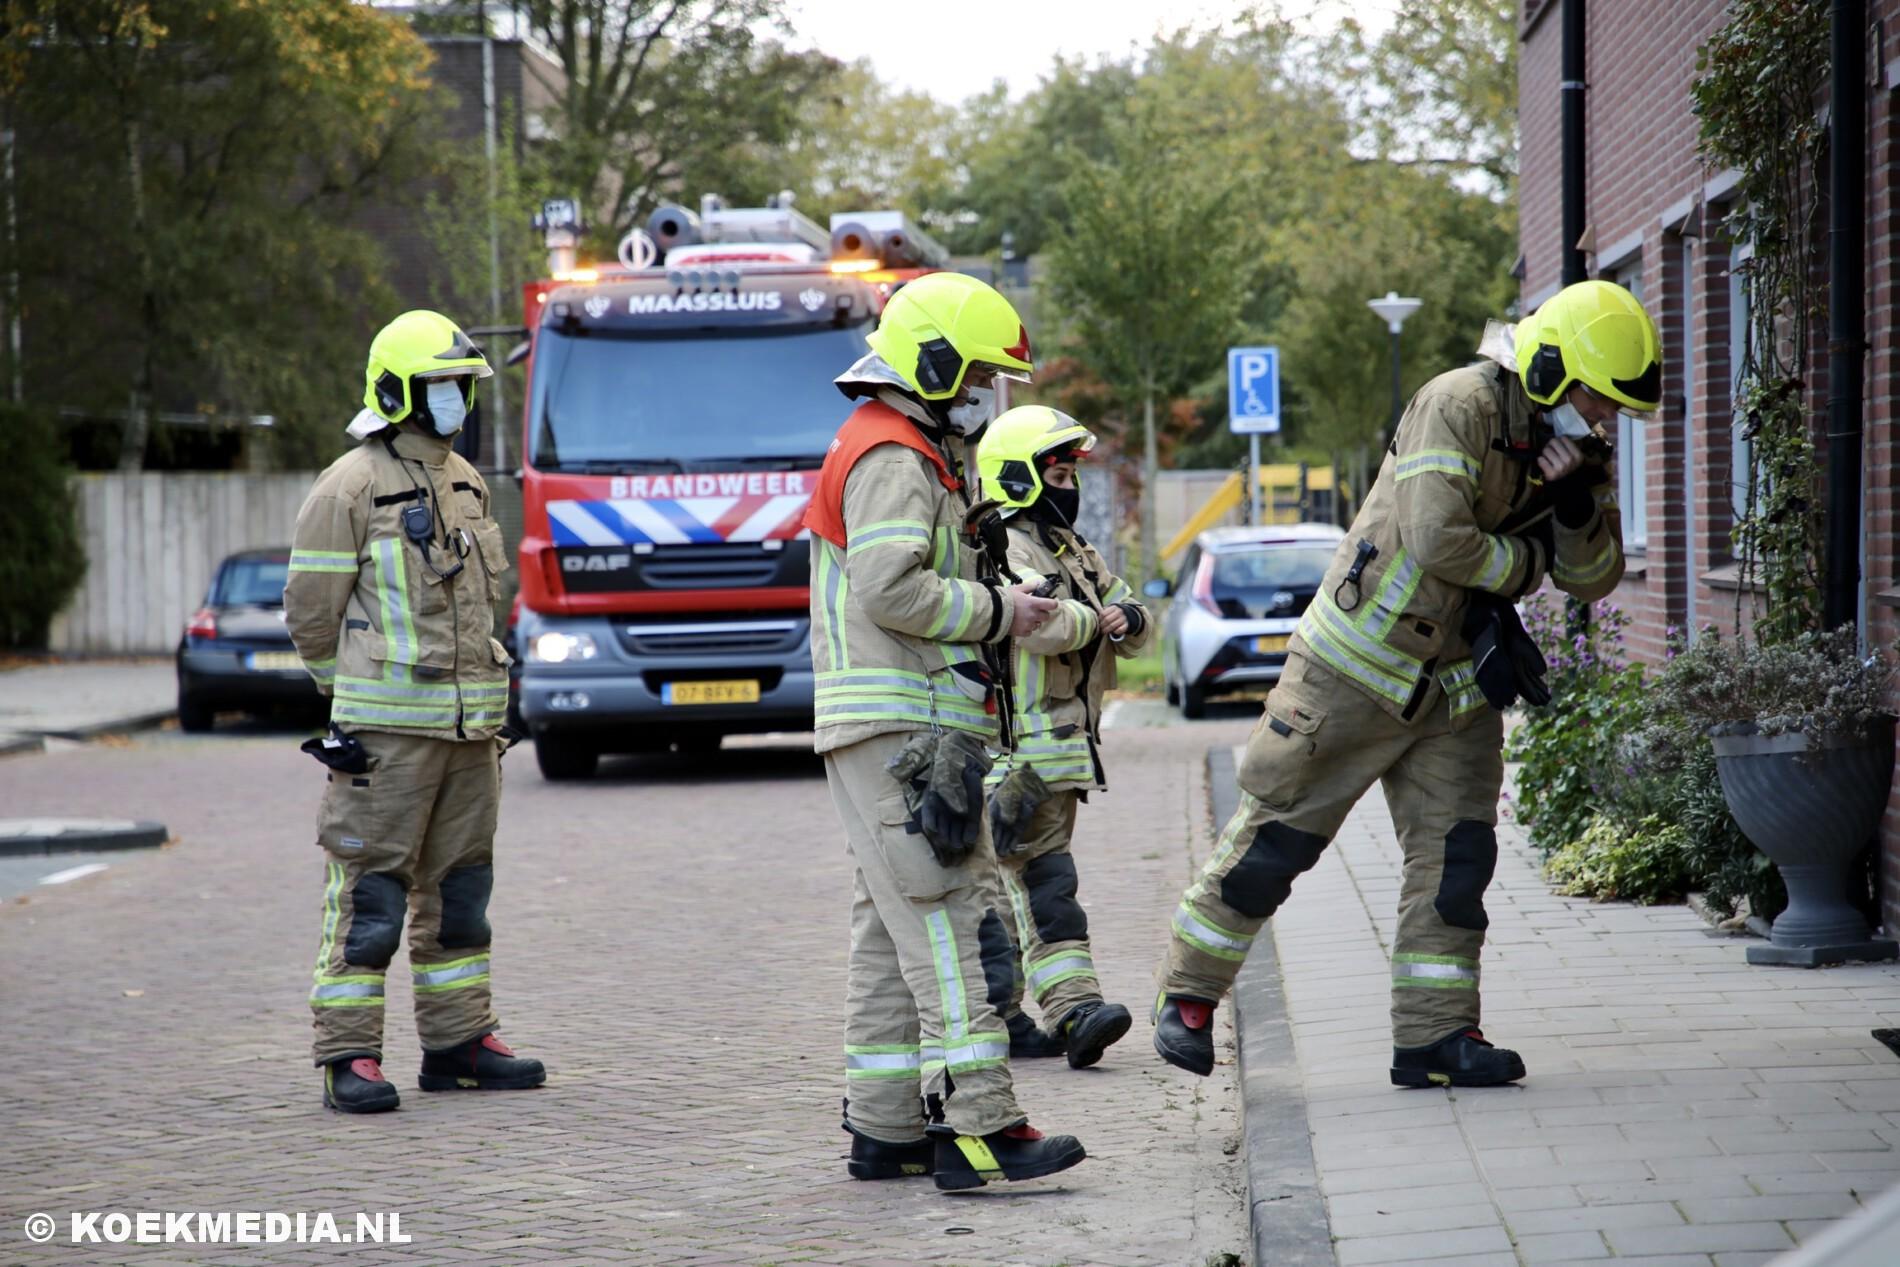 Isolatiekorrels kruipruimte veroorzaker van gas-stanklucht in de Witte de Withstraat in Maassluis